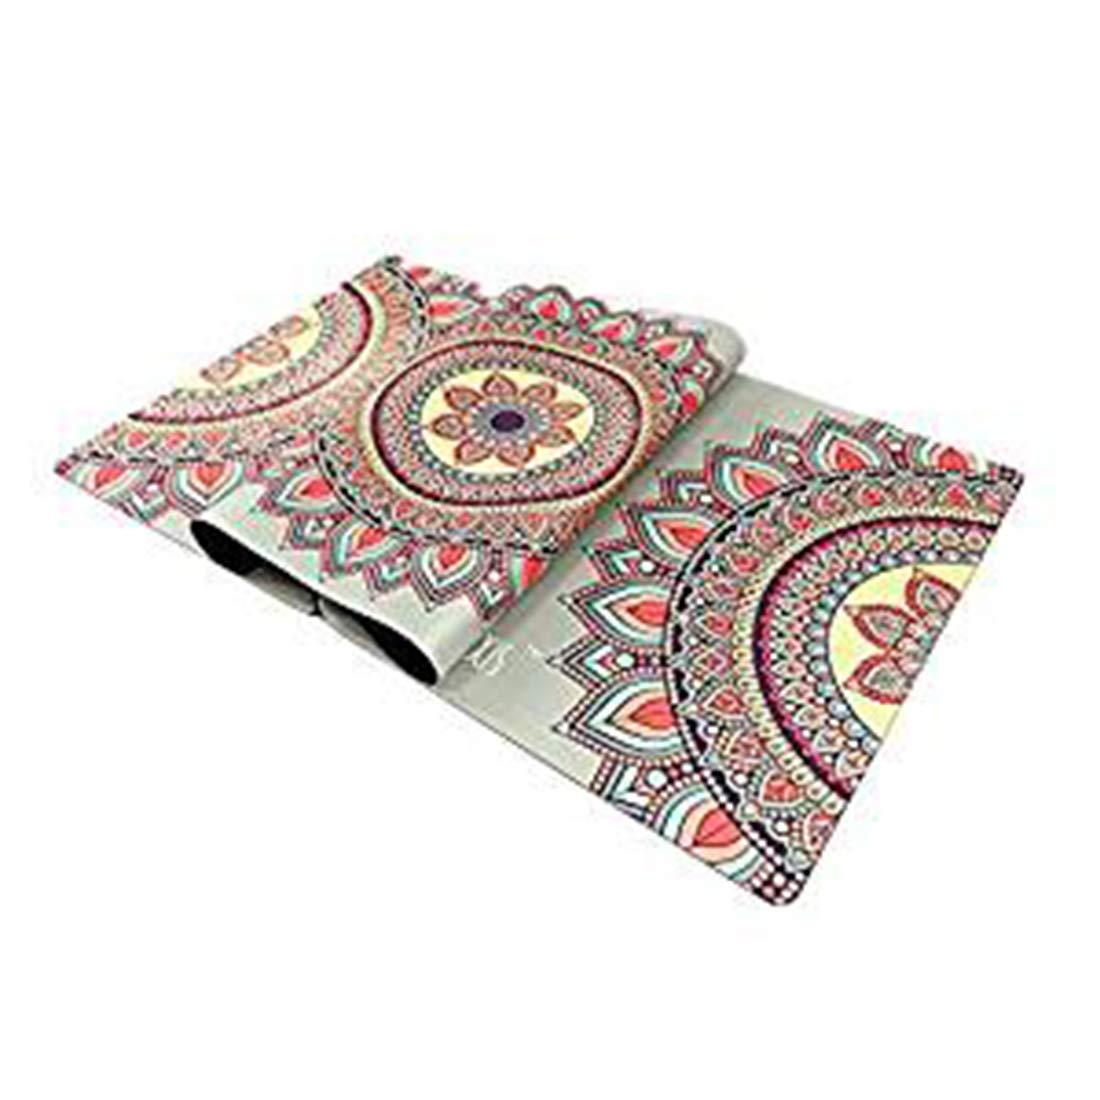 AROTOVL Yogamatte Rubber0.35mm Umweltfreundliche köstliche Fitnessmatte Yogamatte mit Tragen (Farbe   Picture Farbe)